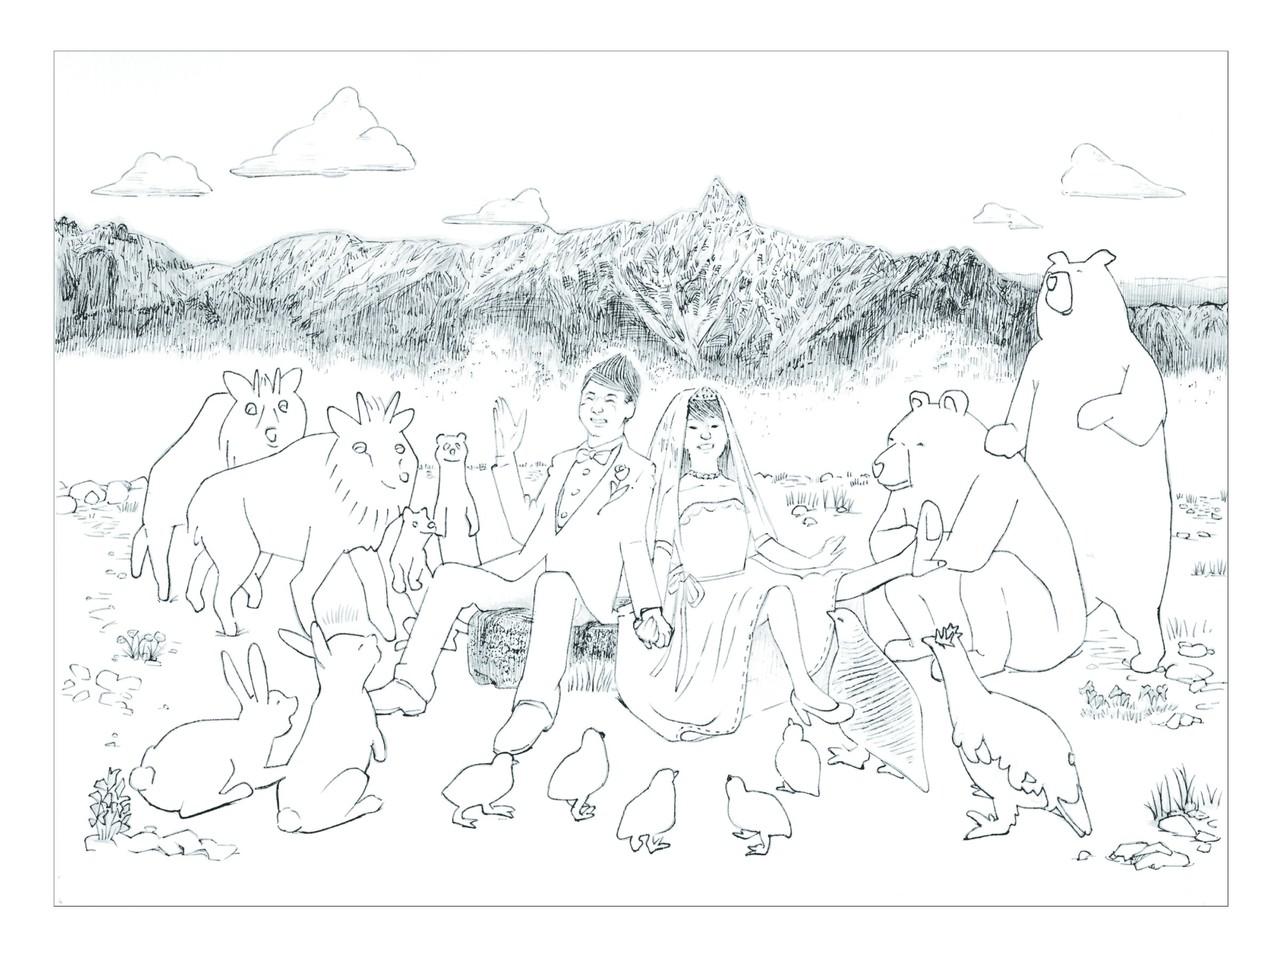 ご結婚のお祝いイラスト絵と図 デザイン吉田note